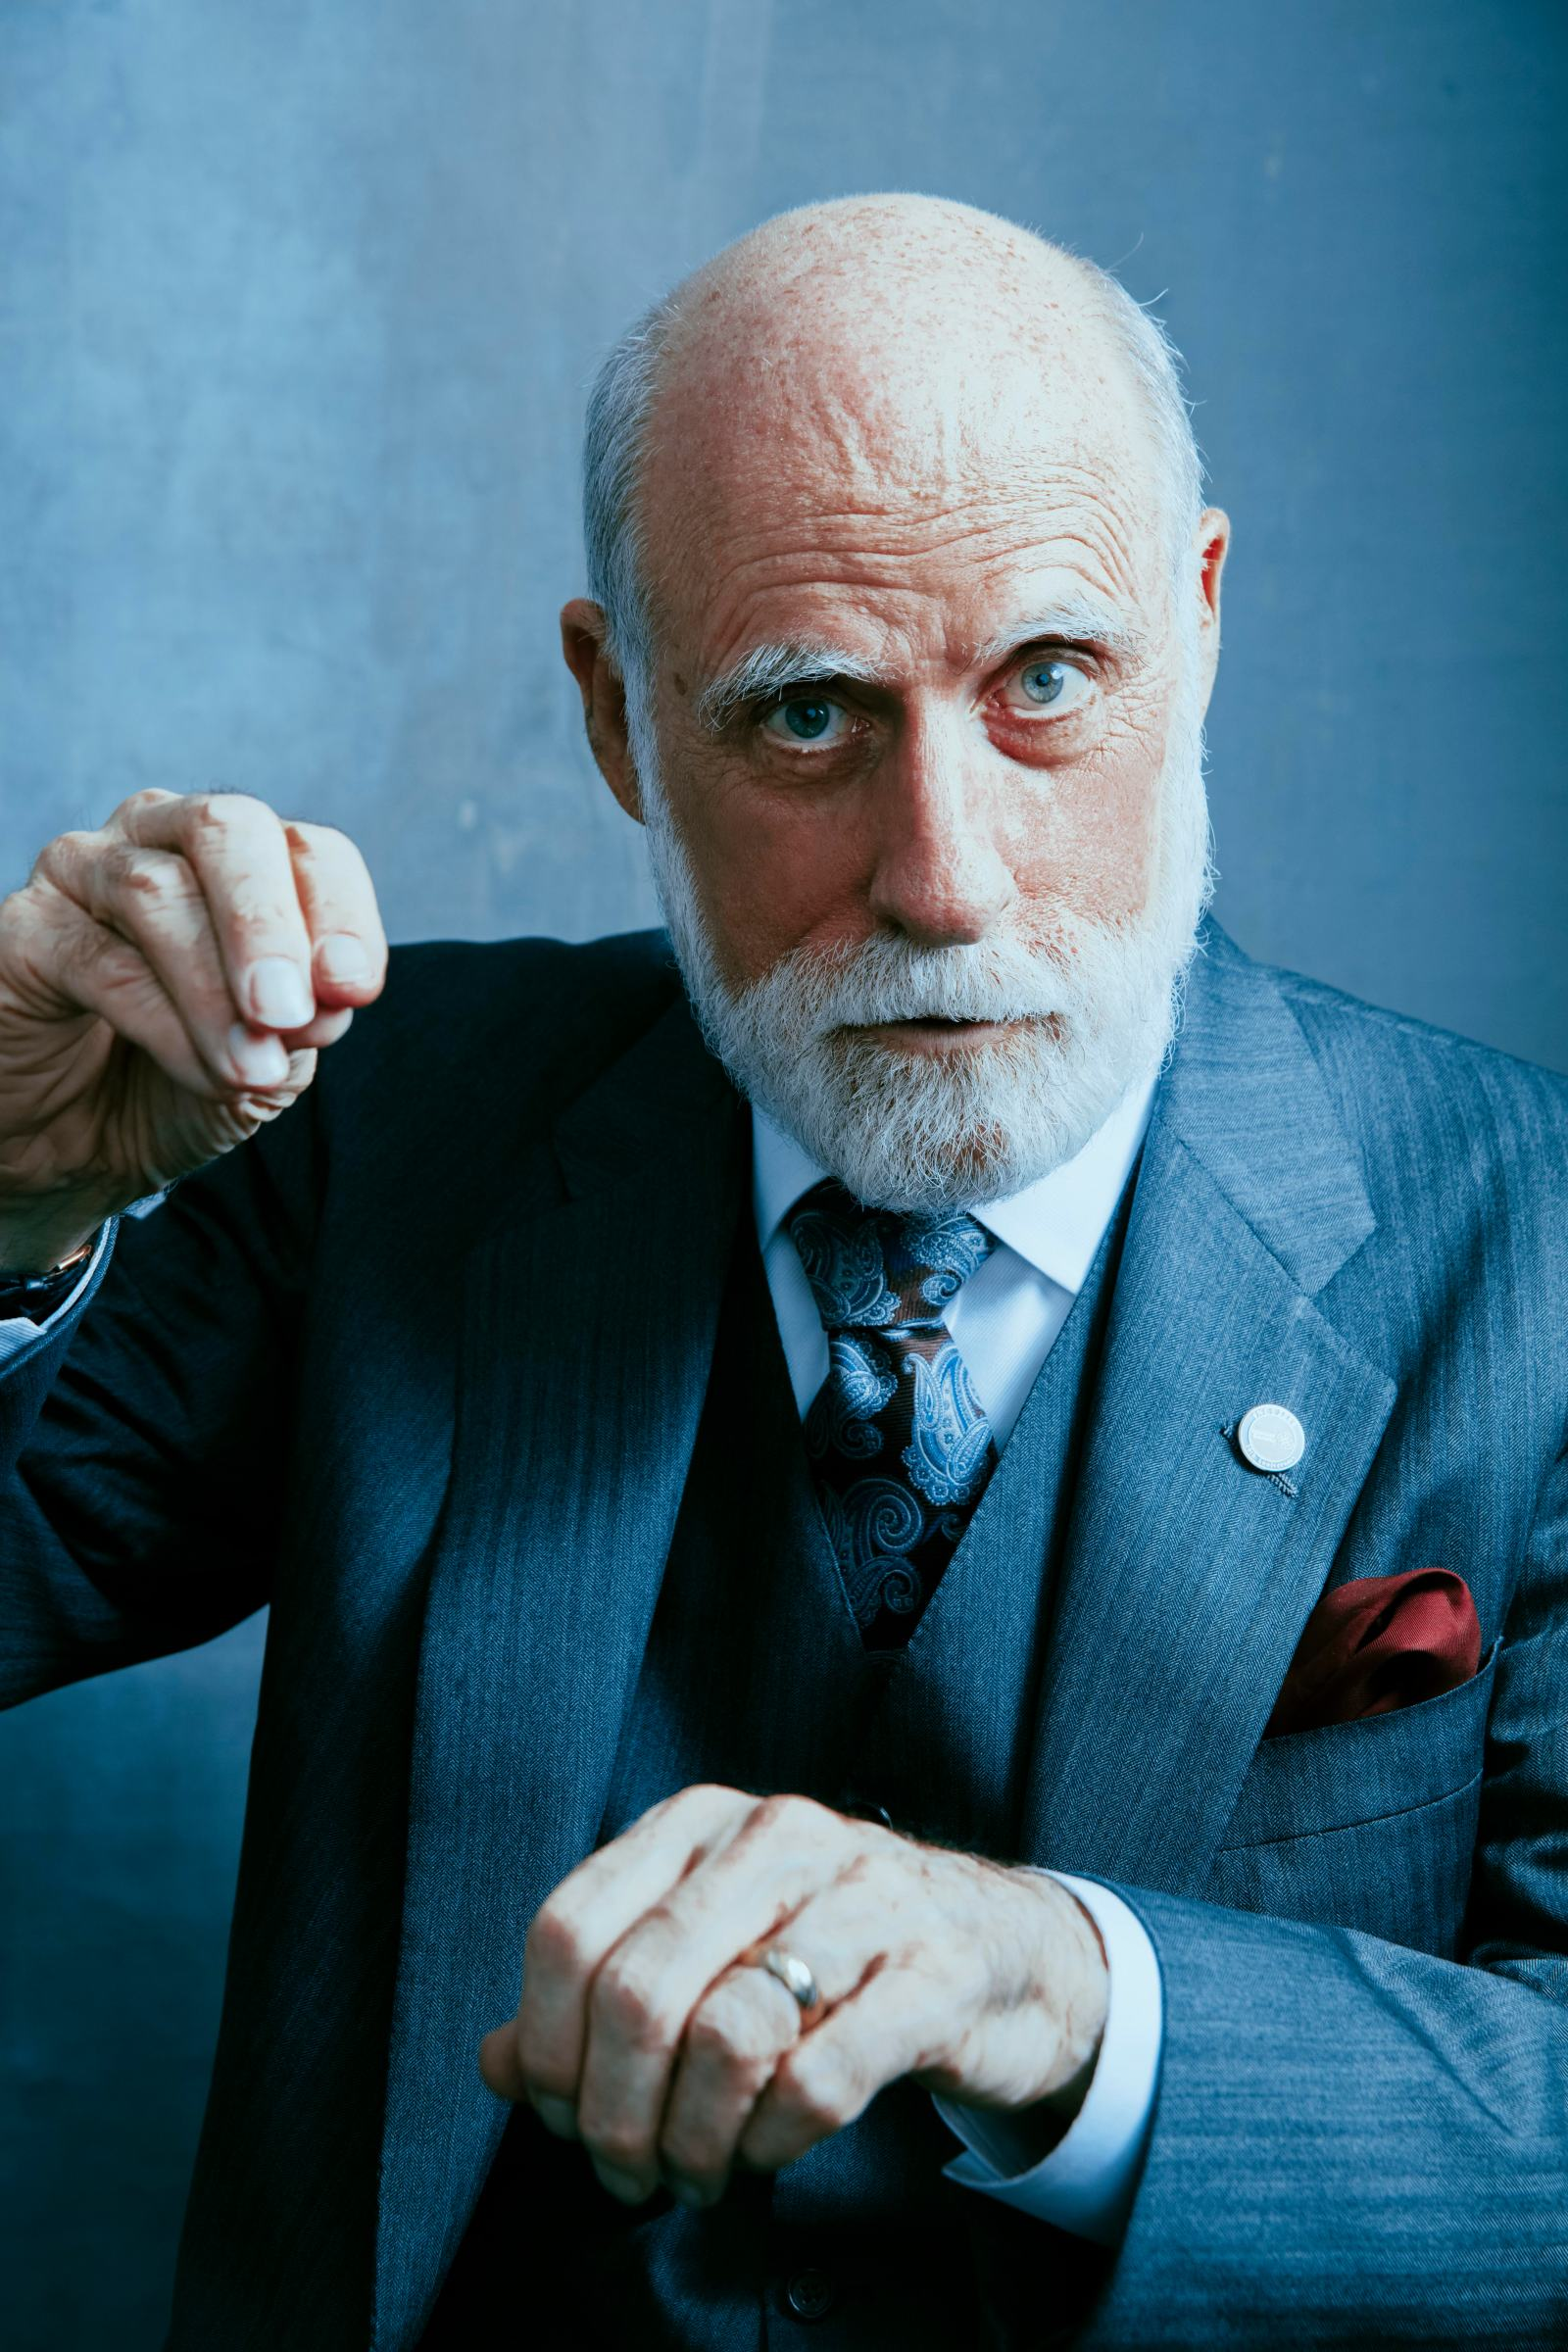 Vint Cerf has puppet hands